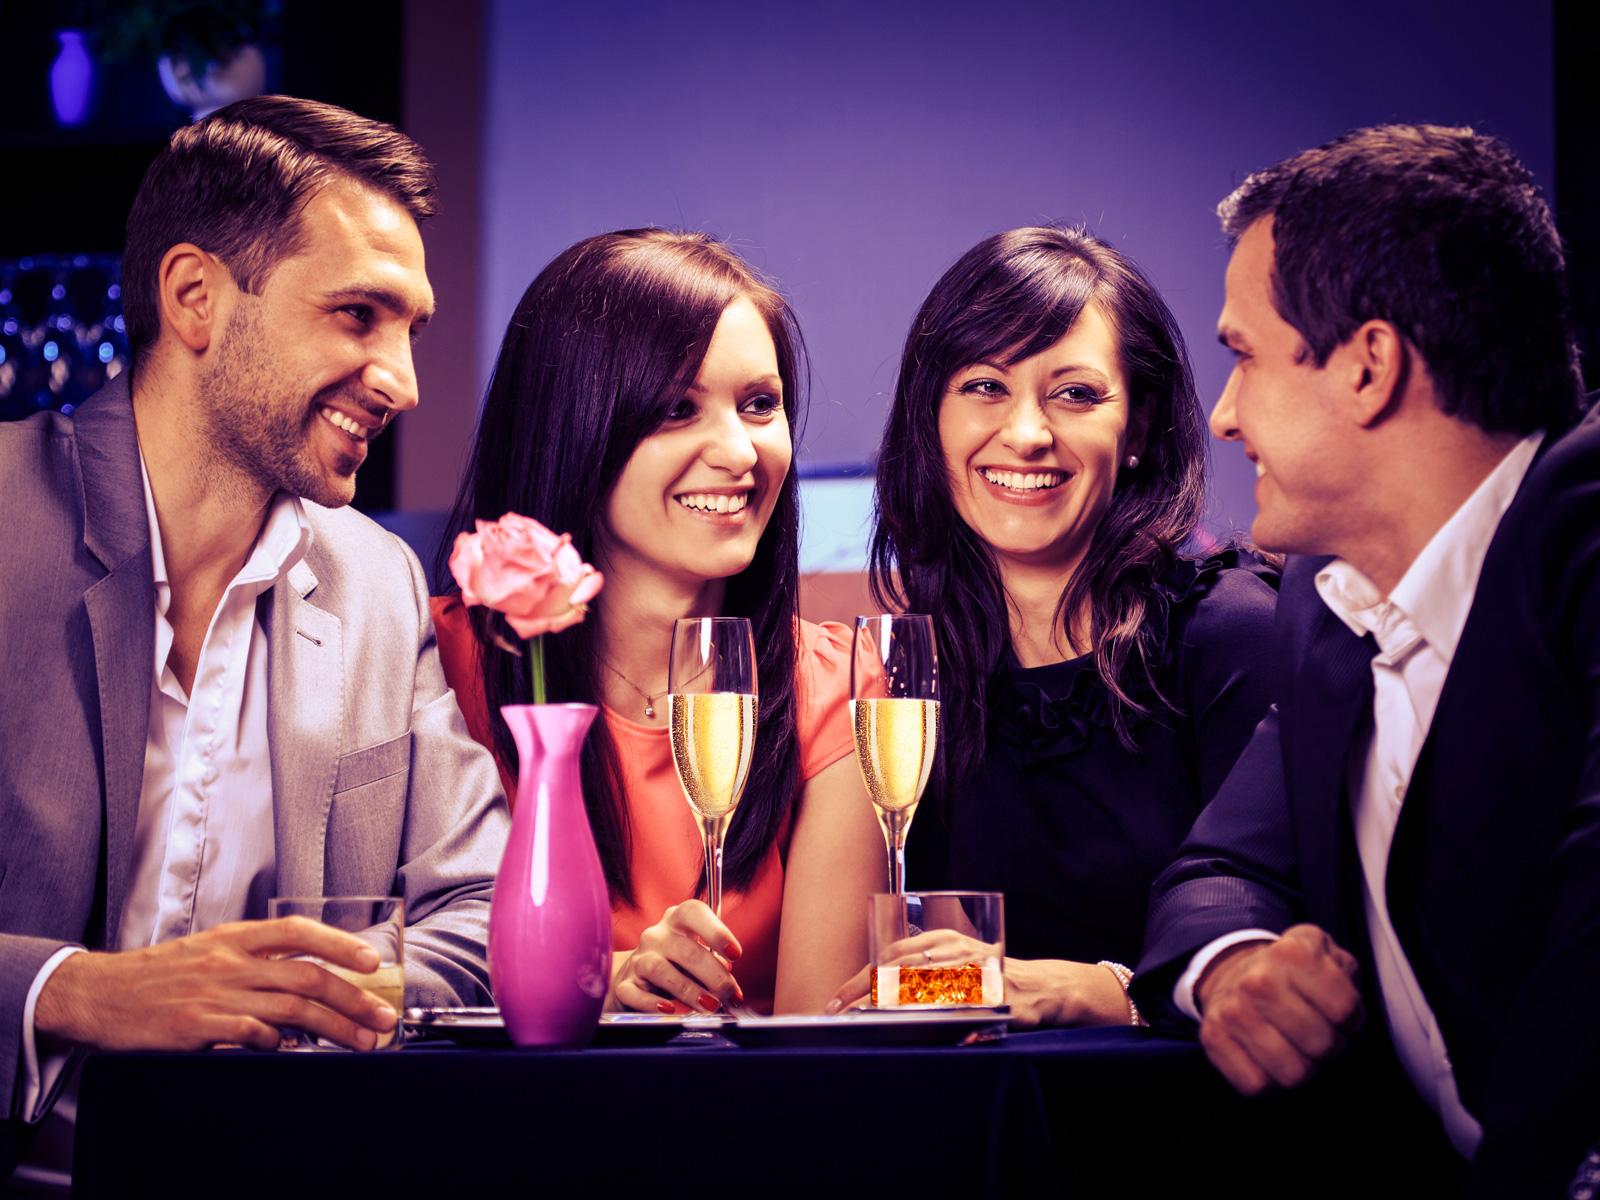 Смотреть любительские фото про свингеров, Свингеры фото обмена женами и партнерами 5 фотография